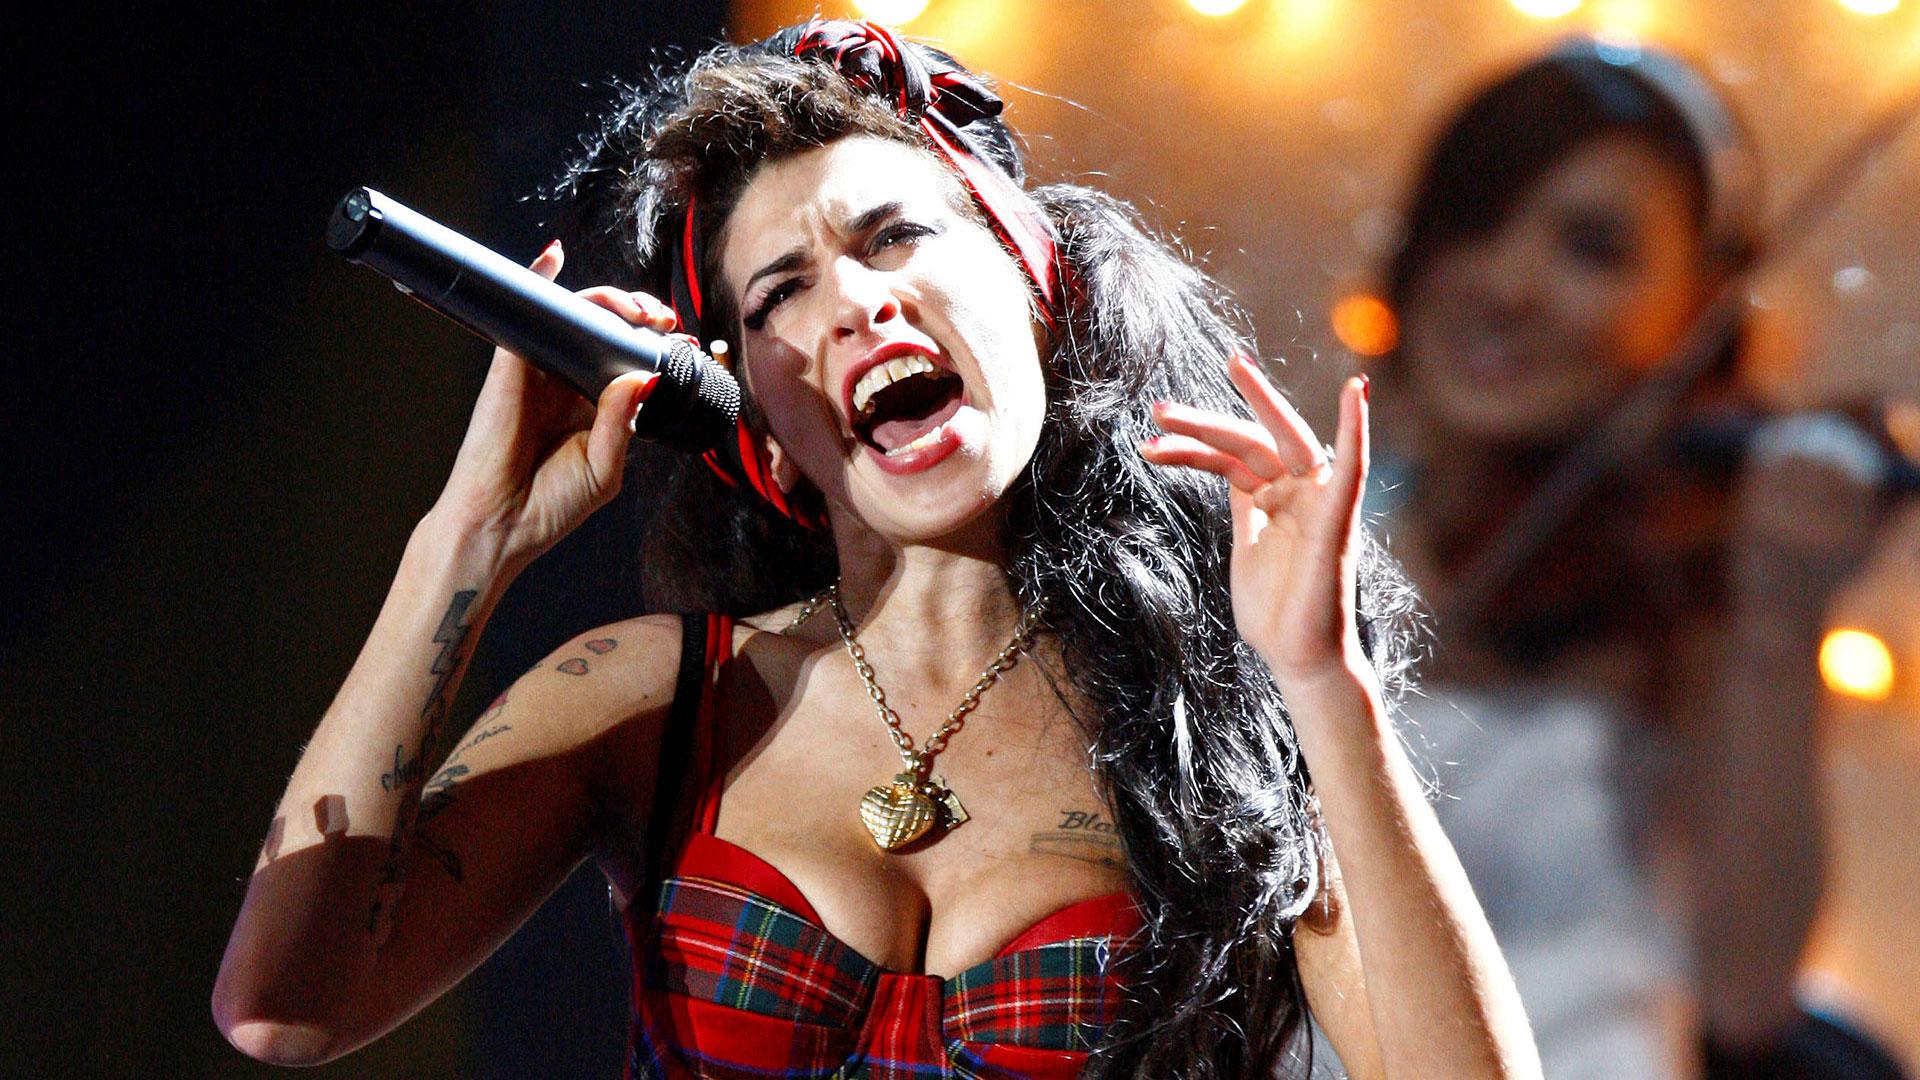 El holograma de Winehouse será proyectado en el escenario frente a una banda en vivo que acompañará la voz de sus grabaciones originales